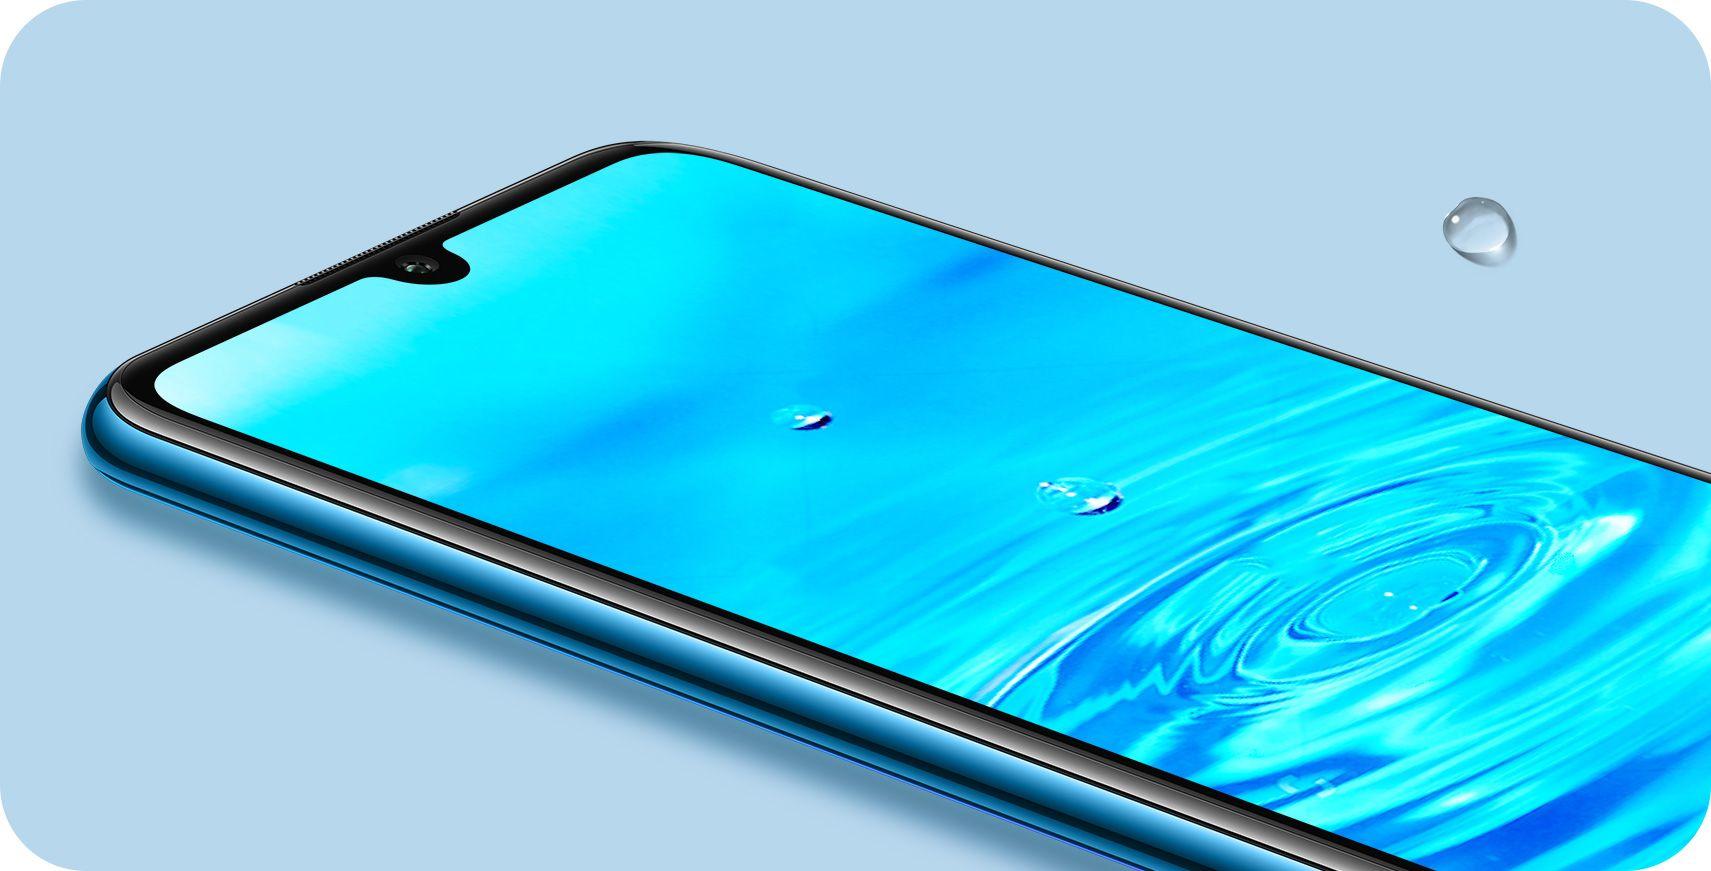 بررسی و نقد گوشی P30 Lite هوآوی Smartphone Huawei Samsung Galaxy Phone